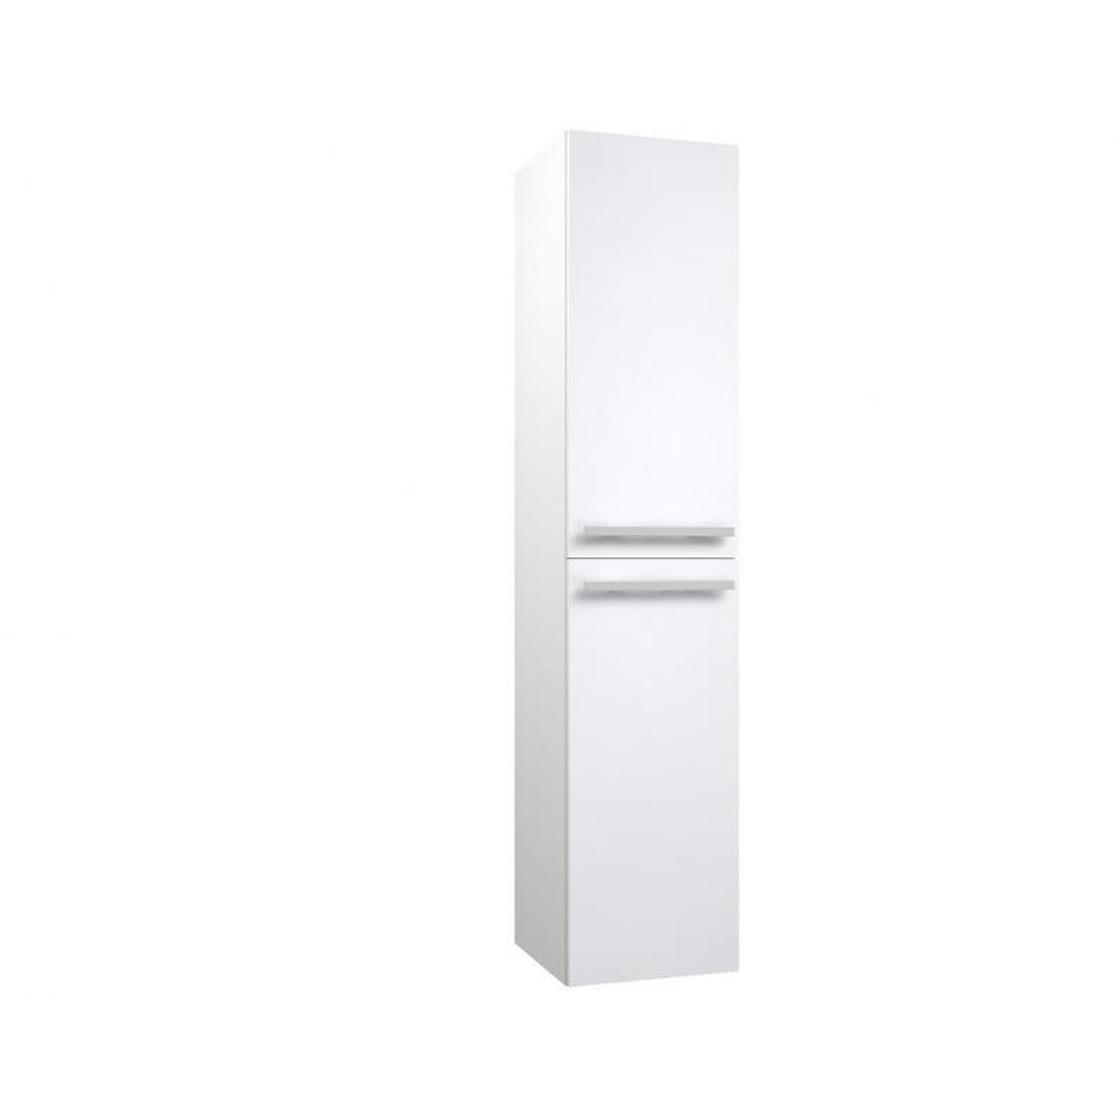 VidaMar Serena Hochschrank Badezimmer 2 Türen Wäschekorb weiß glänzend 35 cm